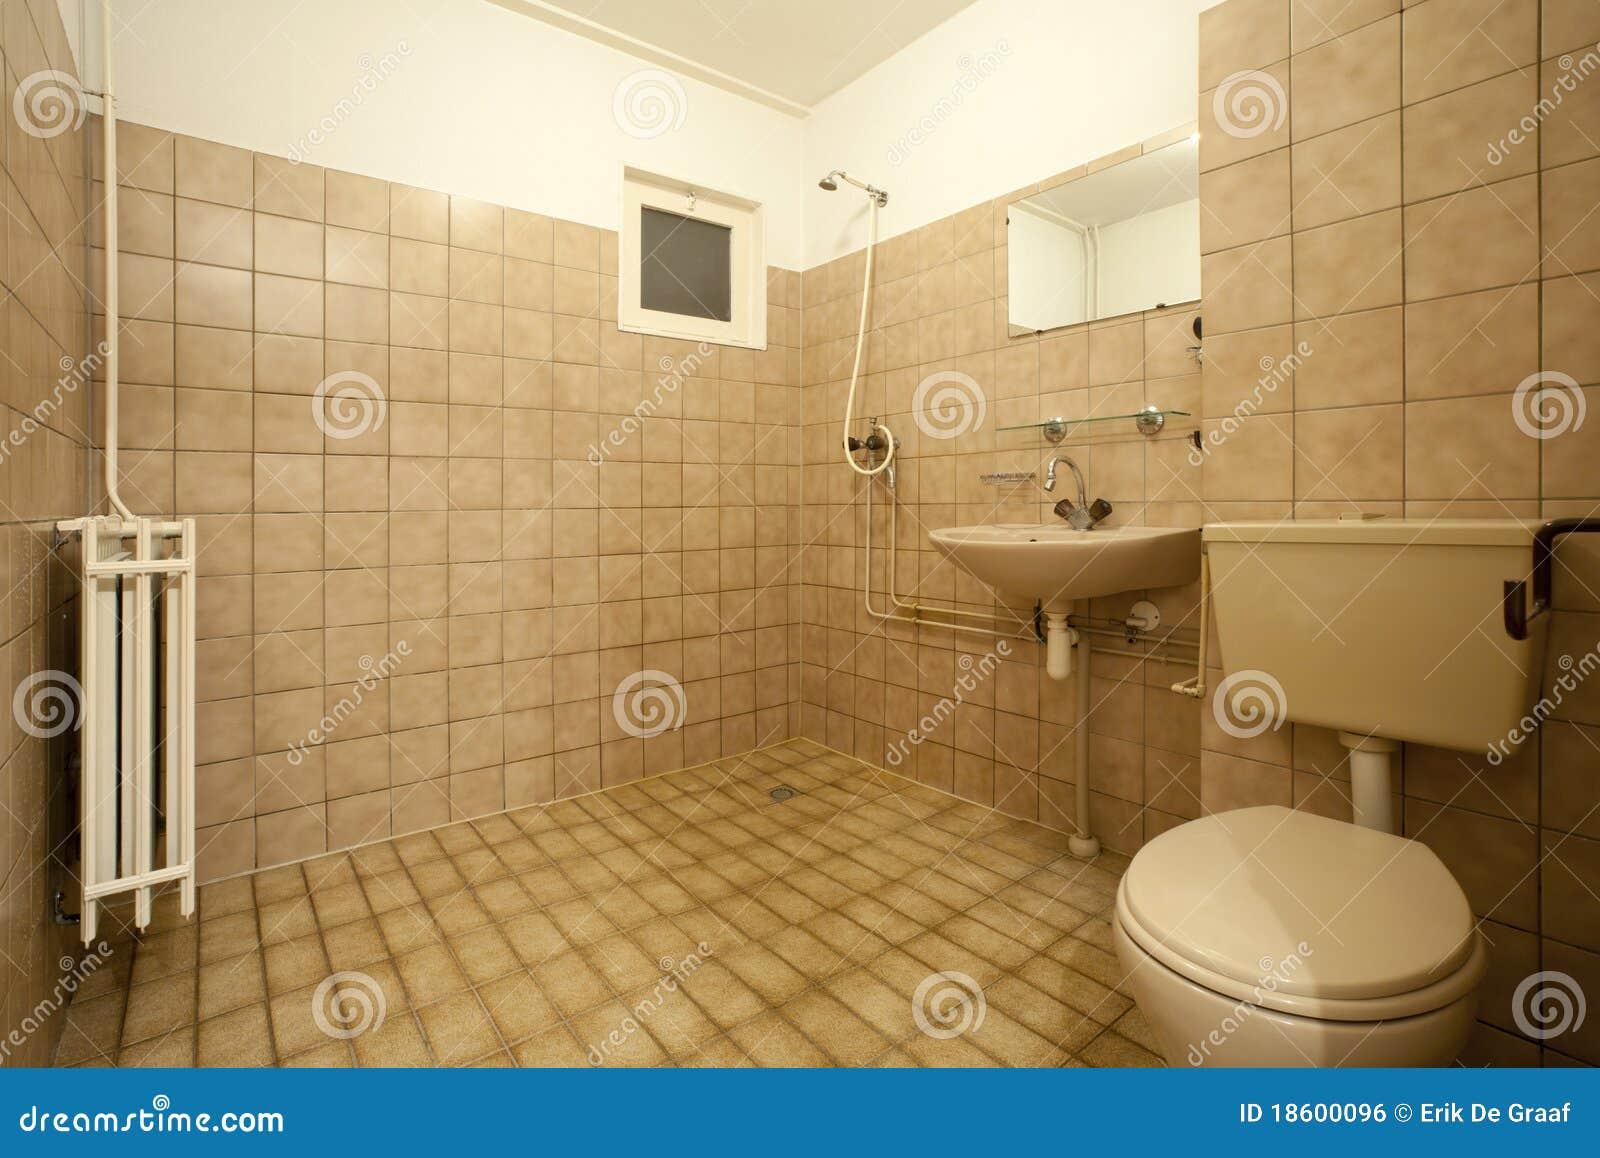 altes badezimmer ideen verschiedene ideen f r die raumgestaltung inspiration. Black Bedroom Furniture Sets. Home Design Ideas